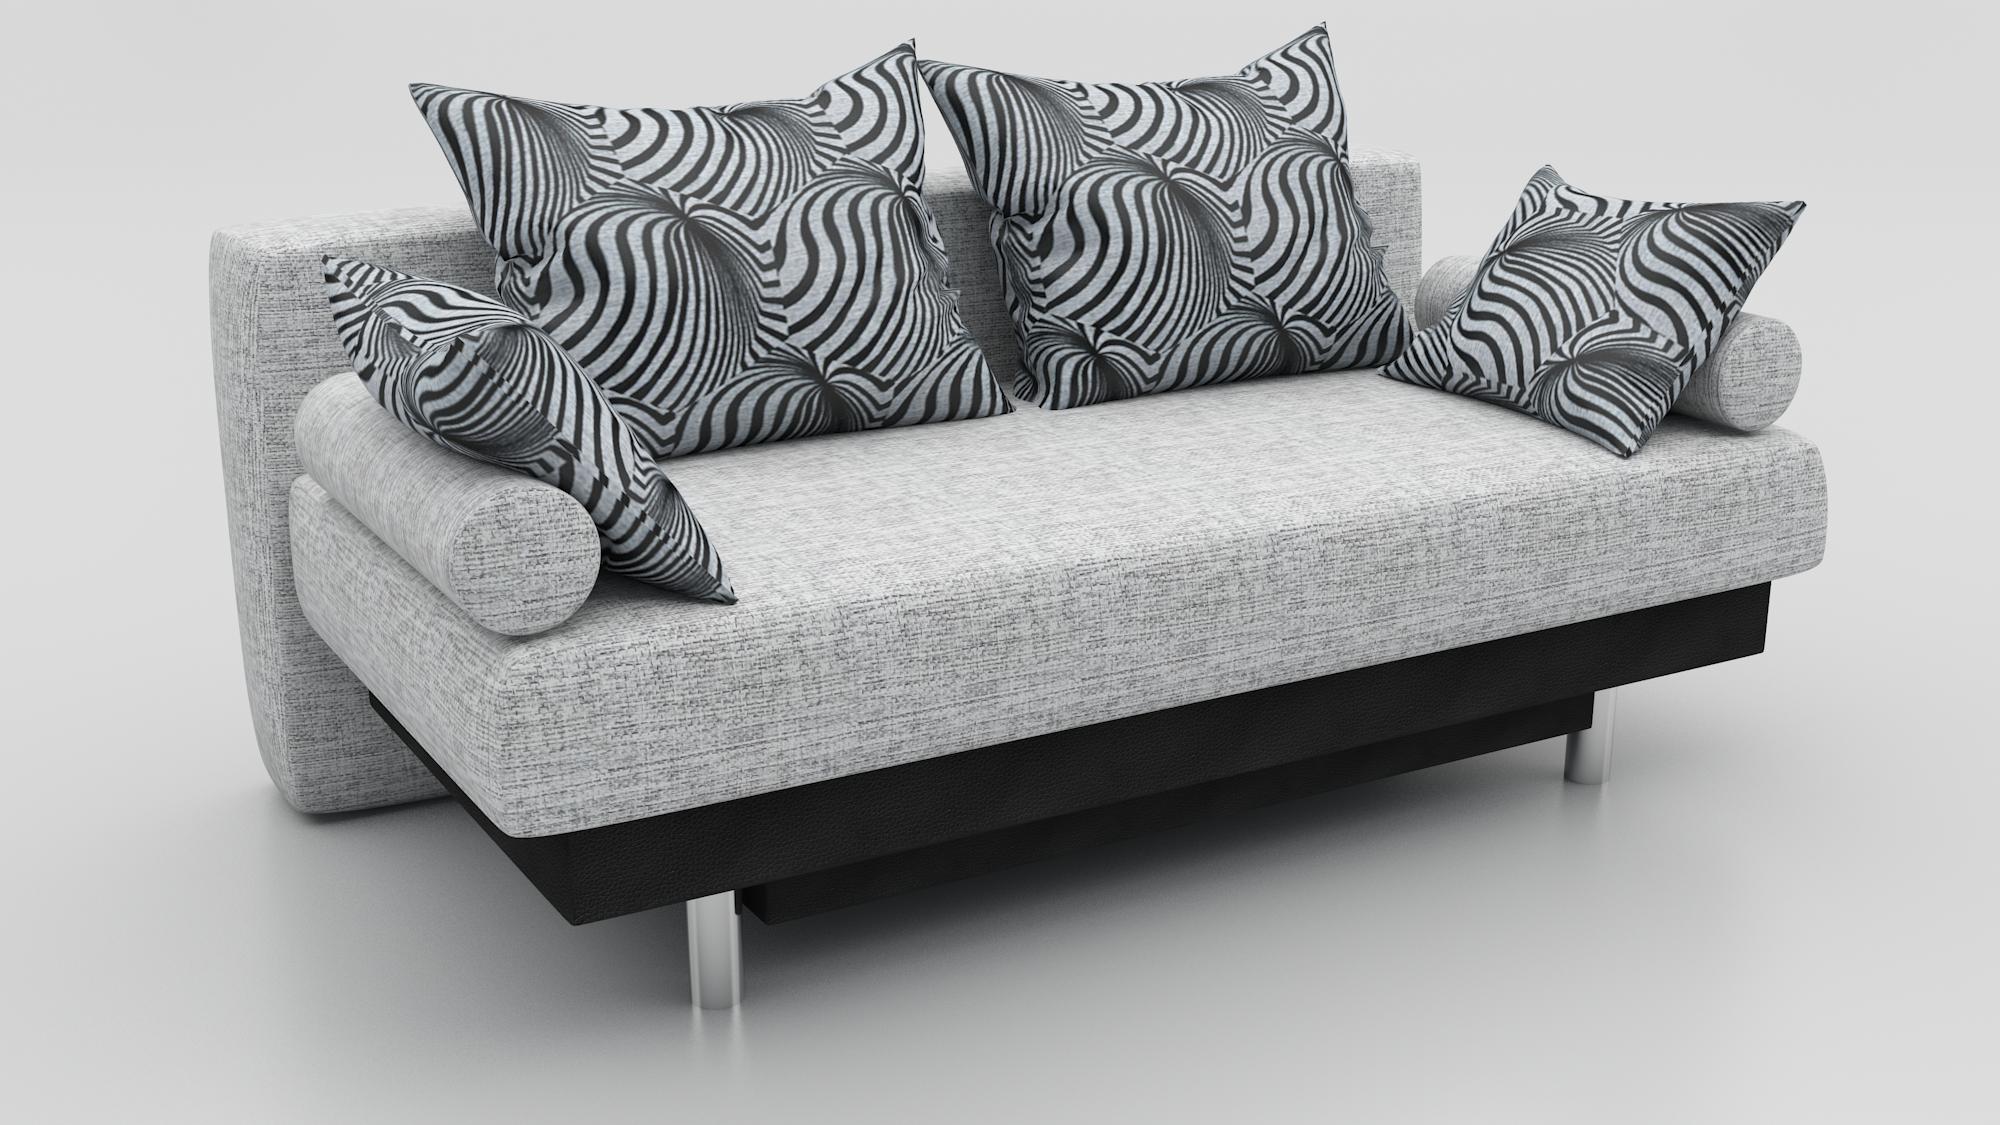 Прямой диван Парадиз еврокнижка рогожка серая + экокожа черная